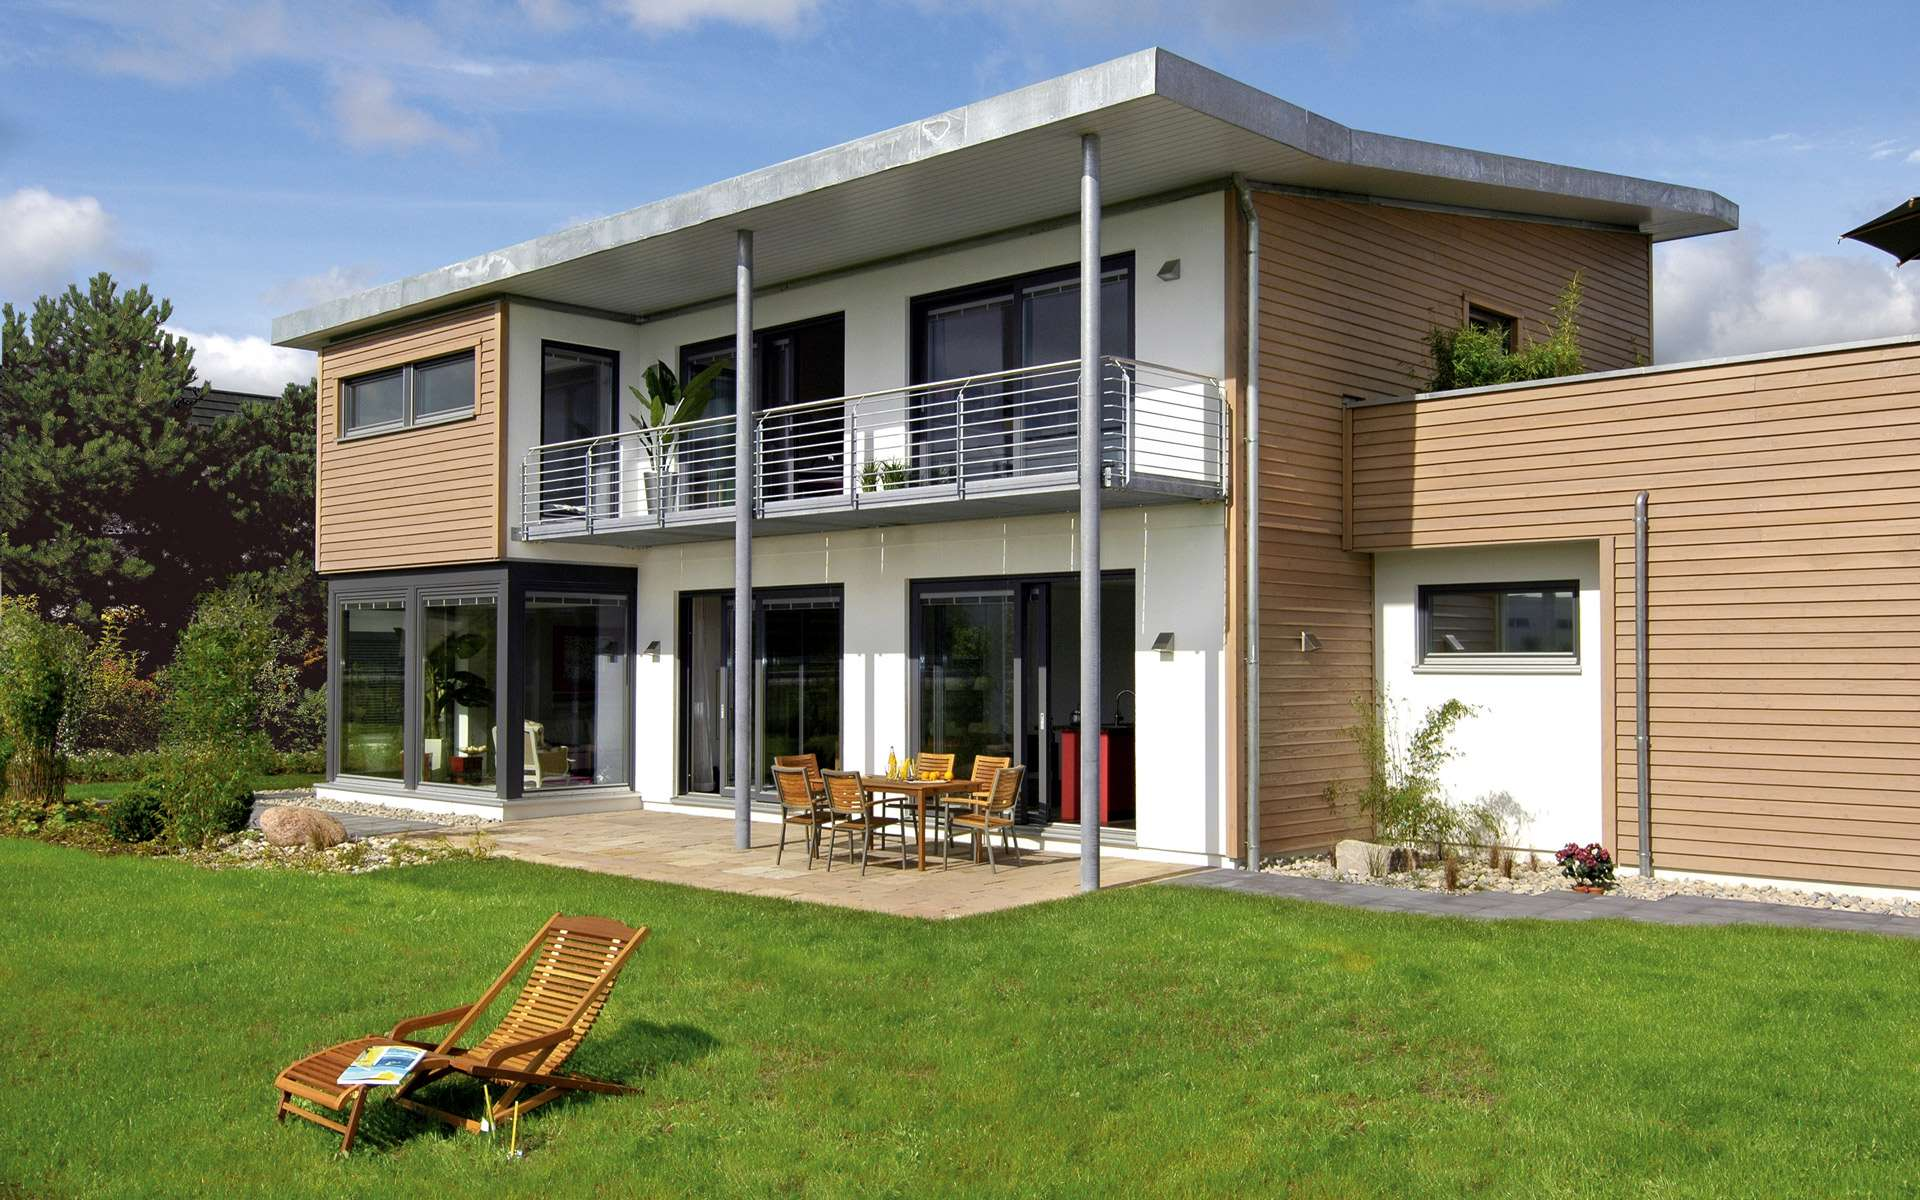 Schw rerhaus modernes z dach in hannover langenhagen for Modernes haus mit rotem dach